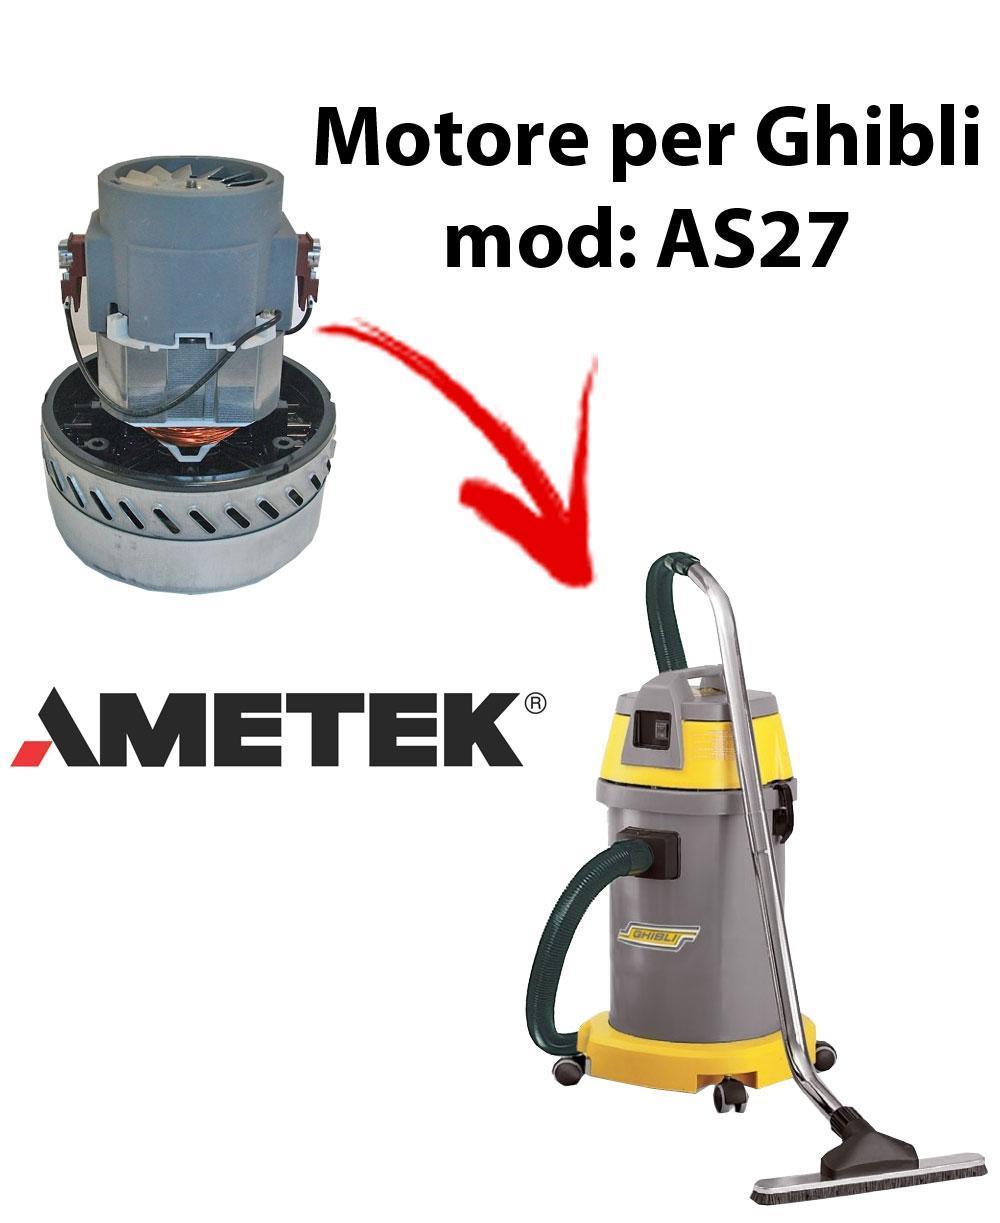 AS27 Saugmotor AMETEK für Staubsauger und Trockensauger GHIBLI